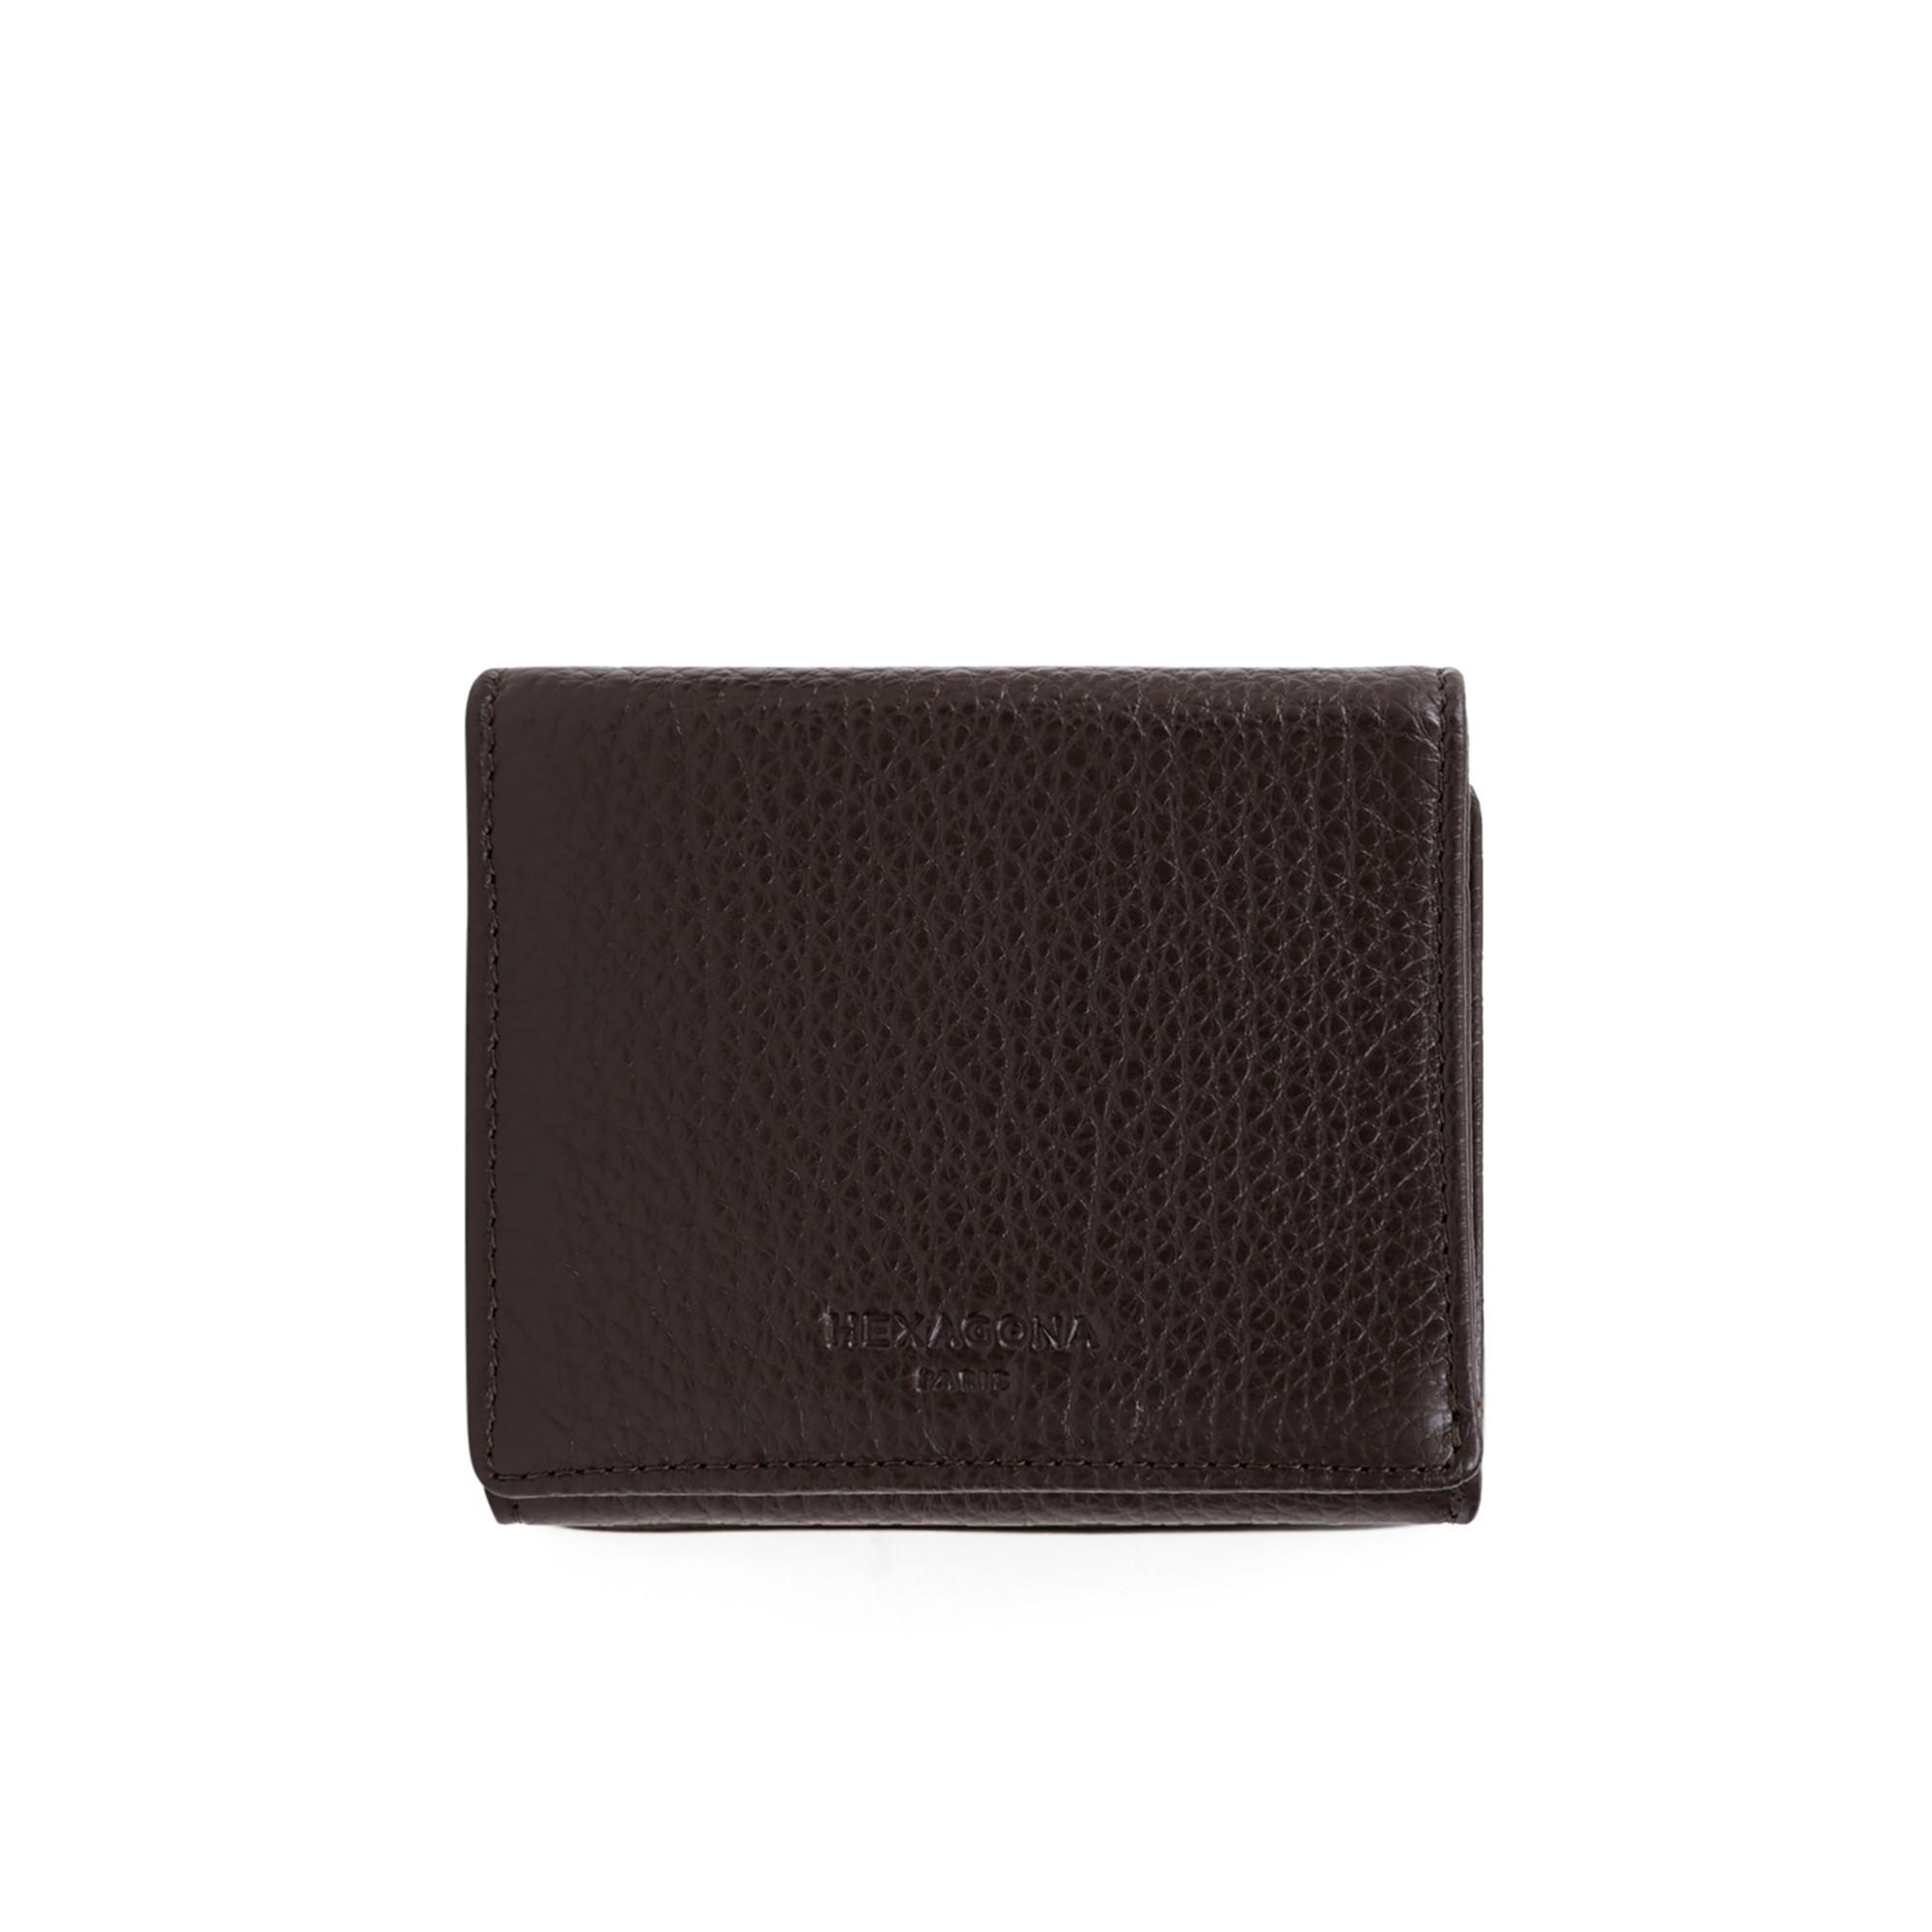 Buffalo grained leather purse